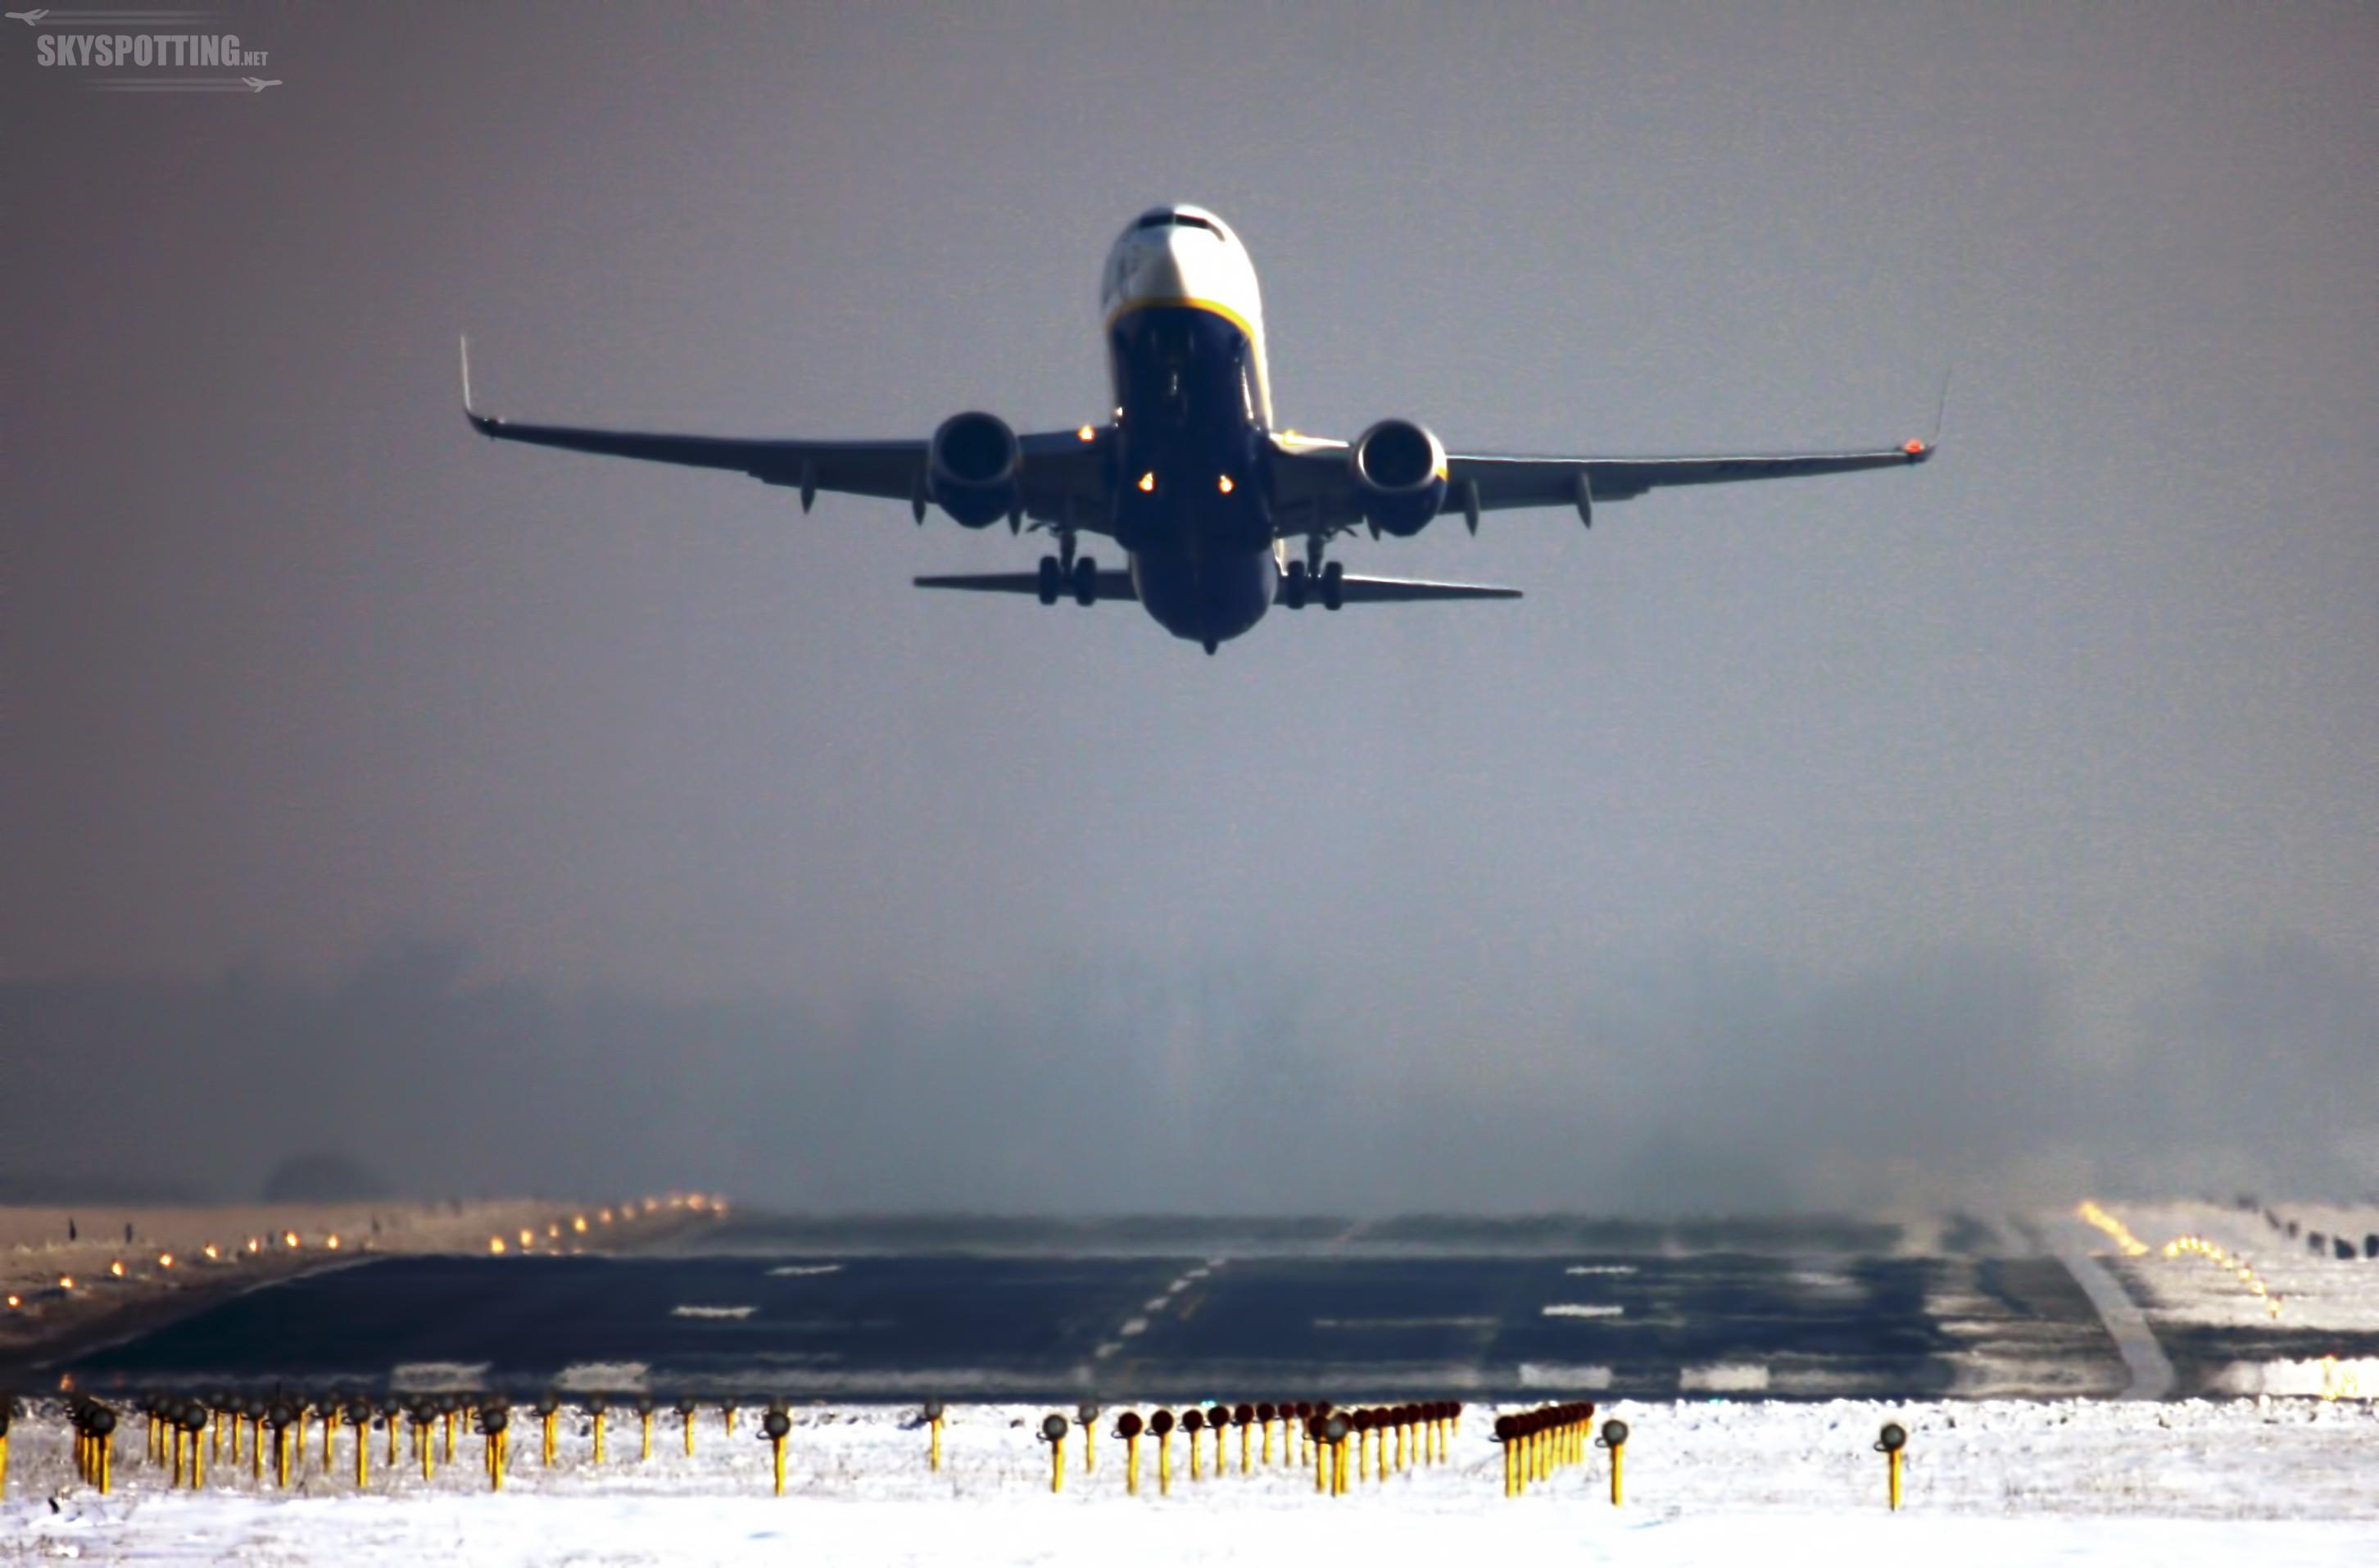 Ten rok należał do Modlina! 2,6 mln pasażerów i 52% wzrost liczby odpraw w 2015 roku